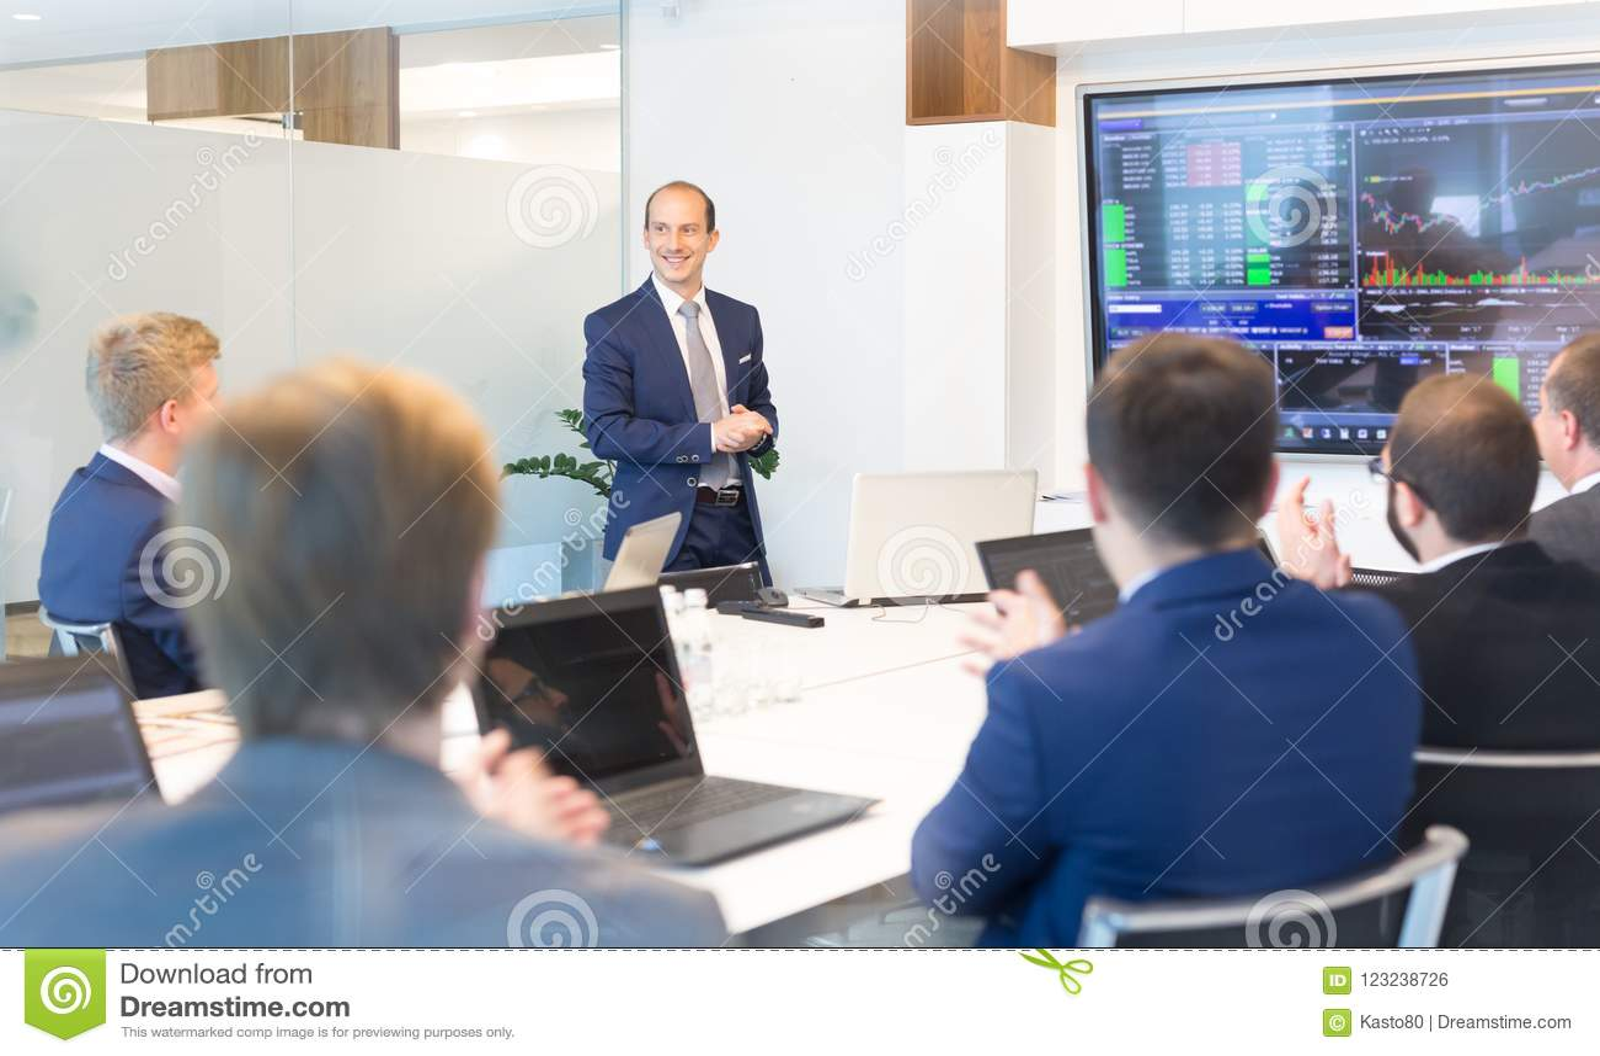 Bedrijfspresentatie op collectieve vergadering Collectief bedrijfsconcept